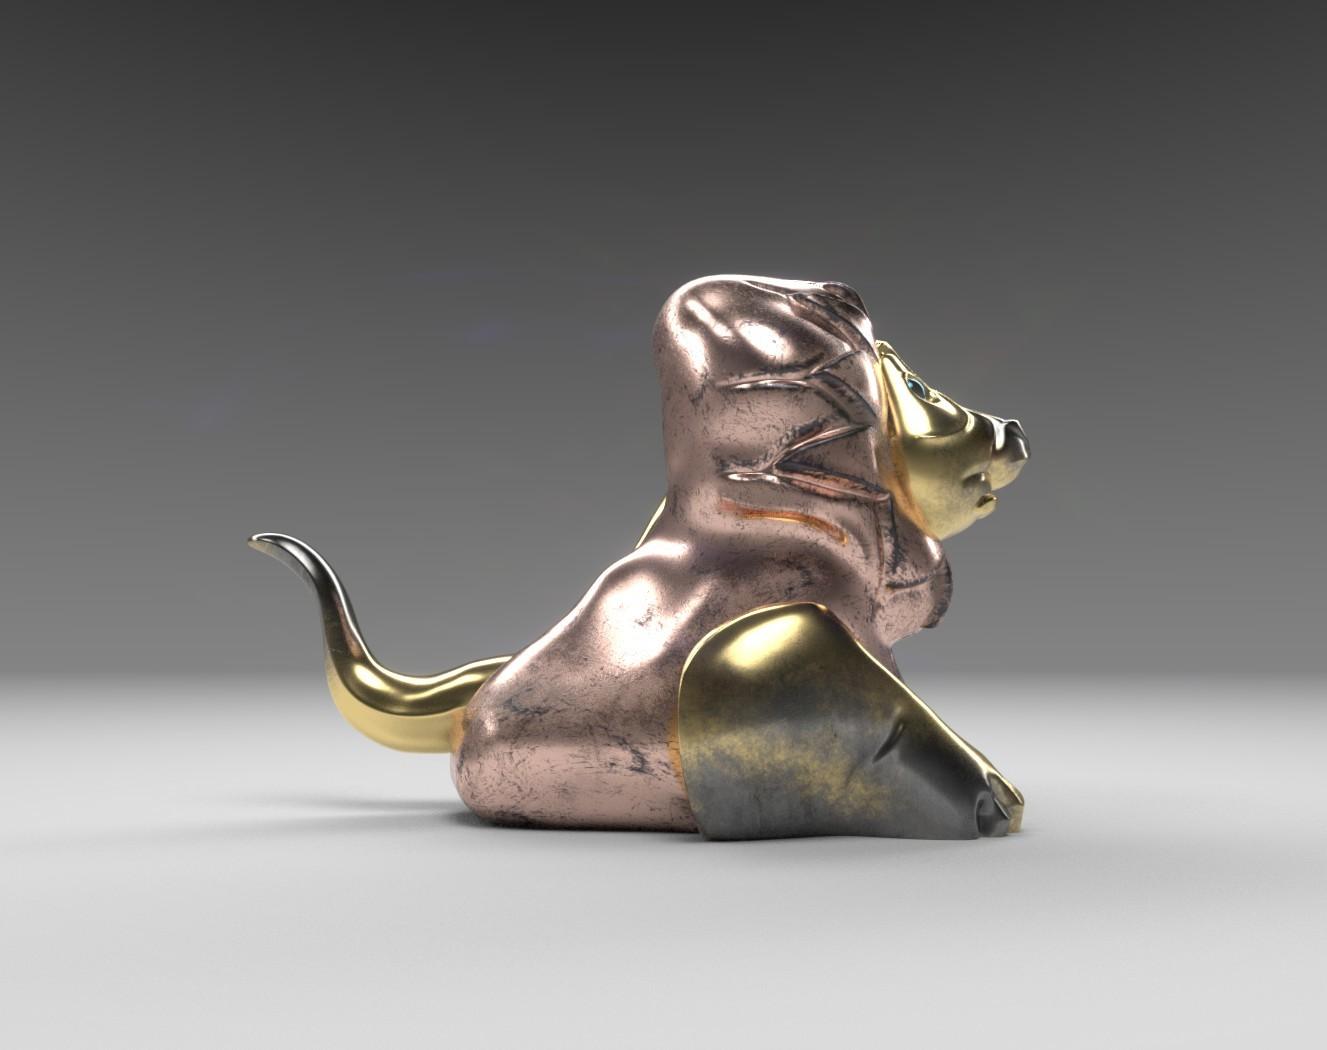 Lion statuette